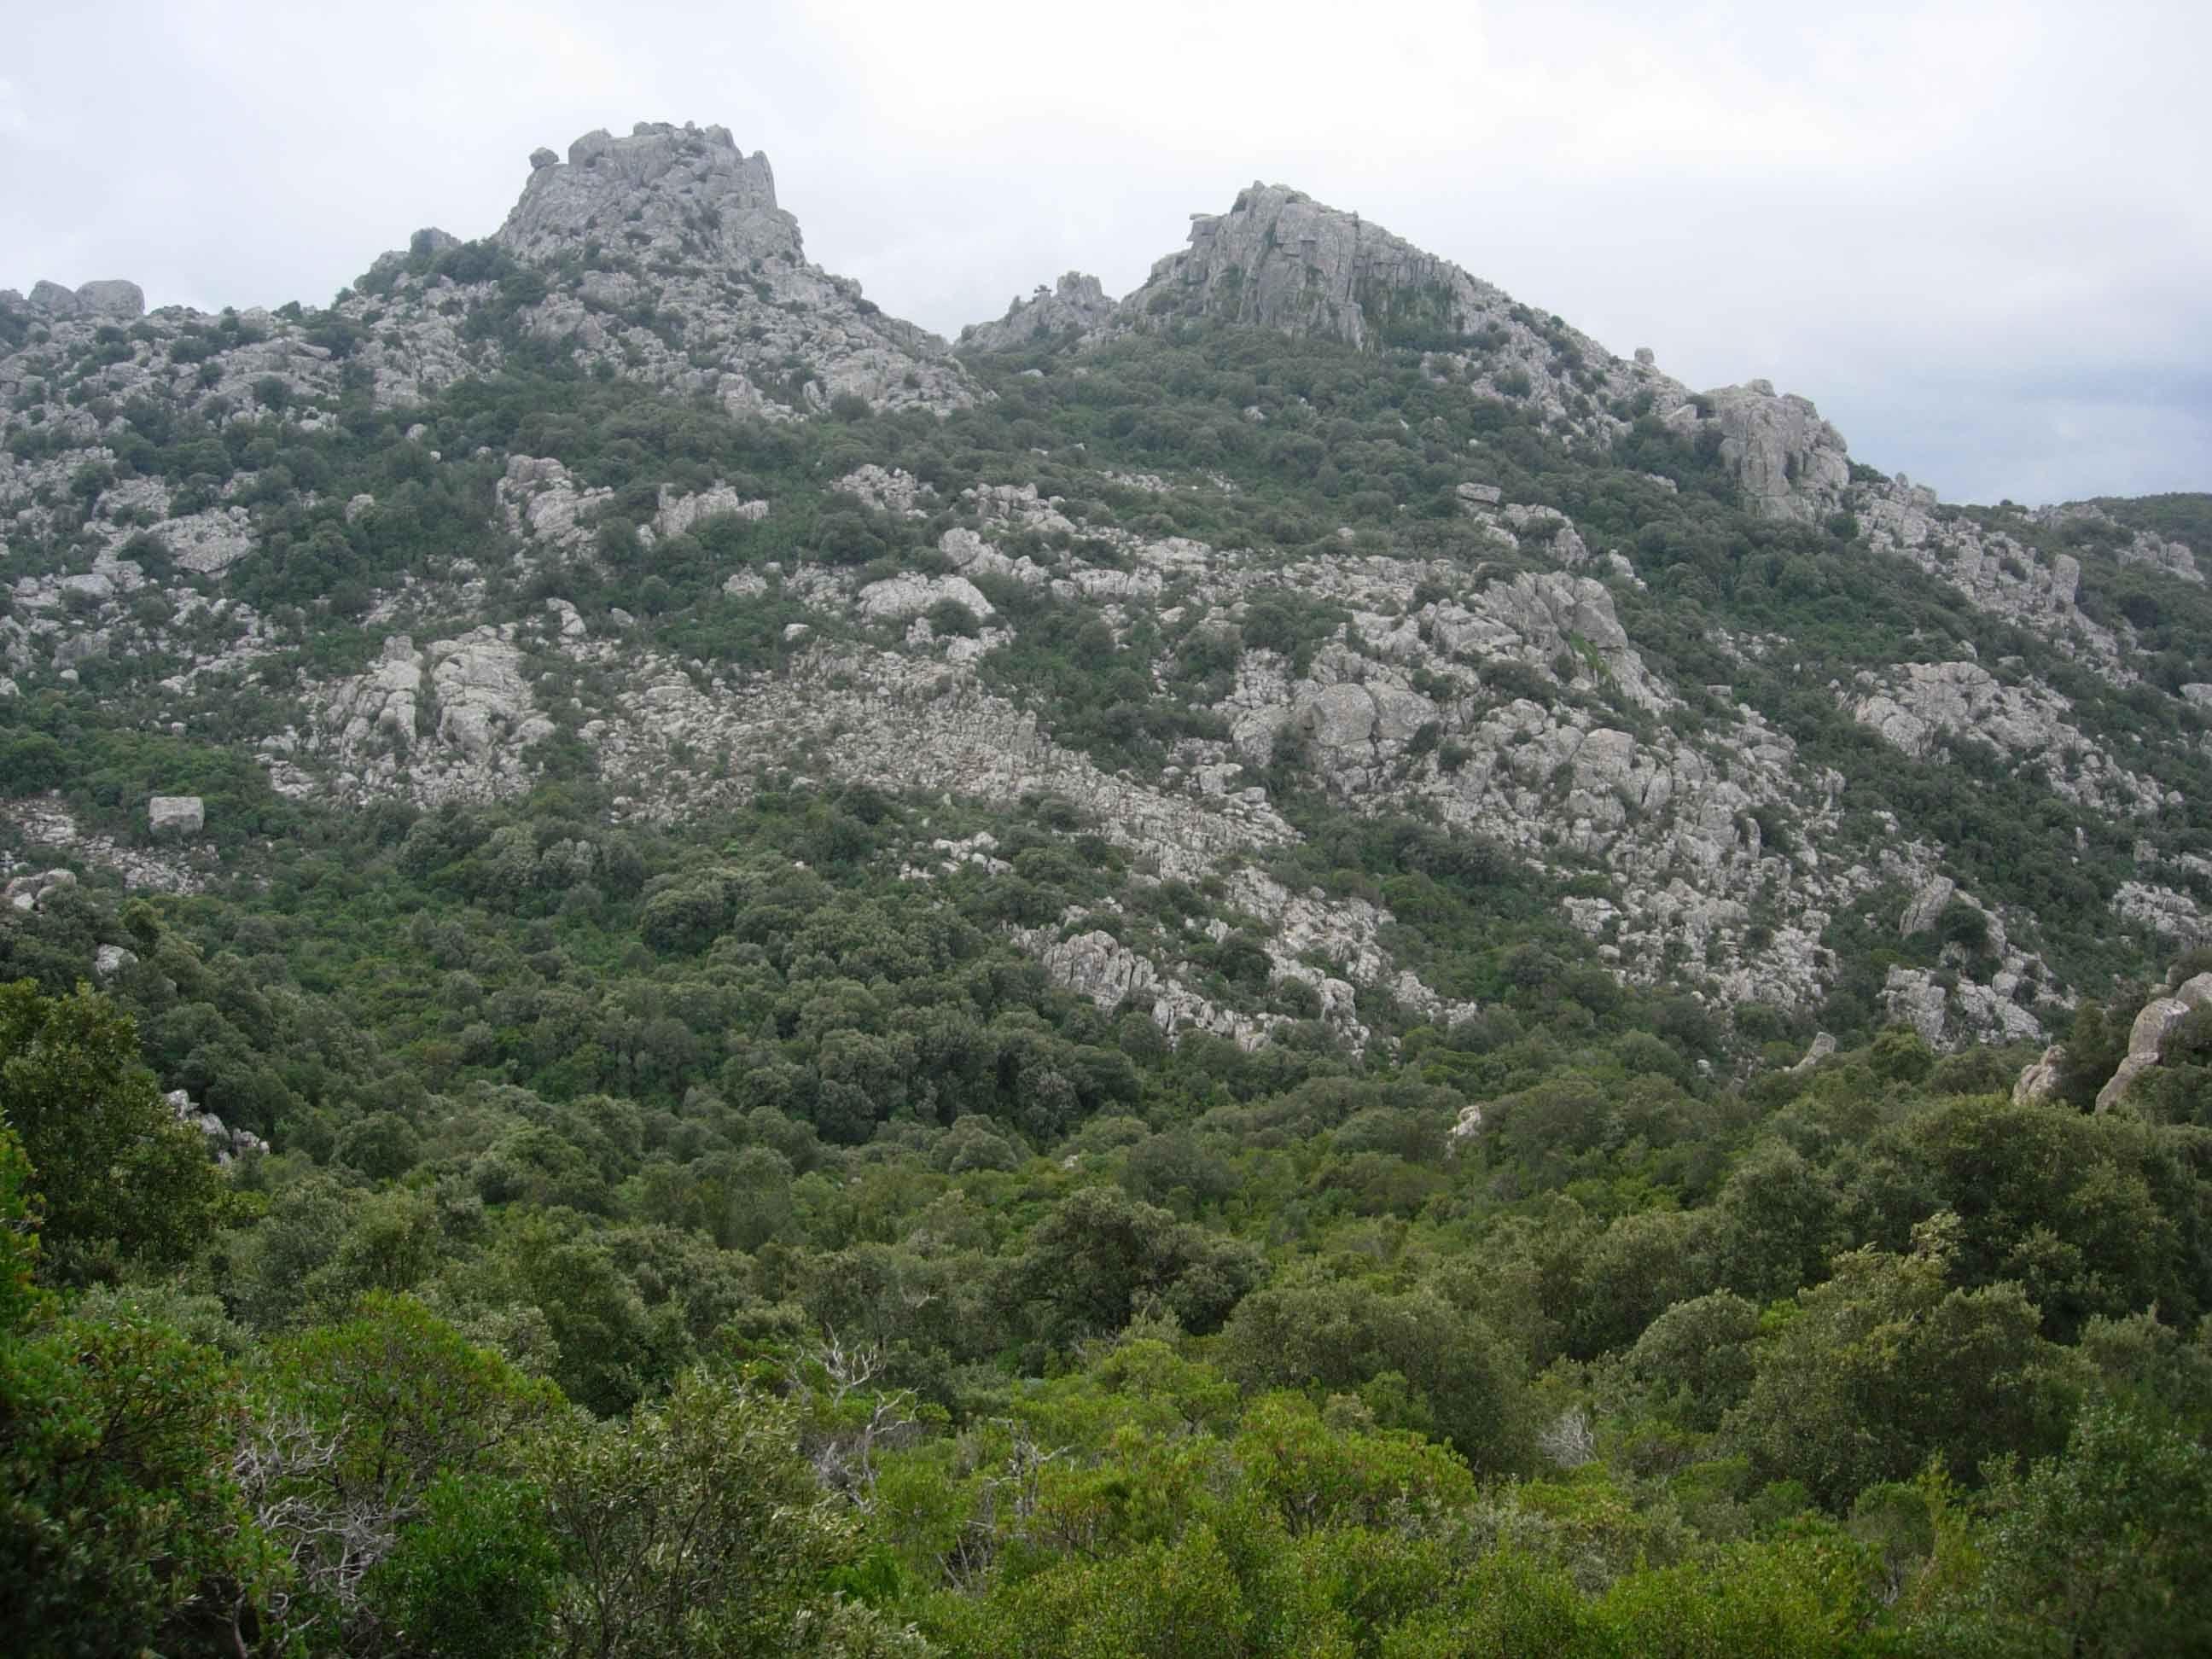 Il massiccio dei Sette Fratelli: come nacquero i granitici protettori della città di Cagliari.